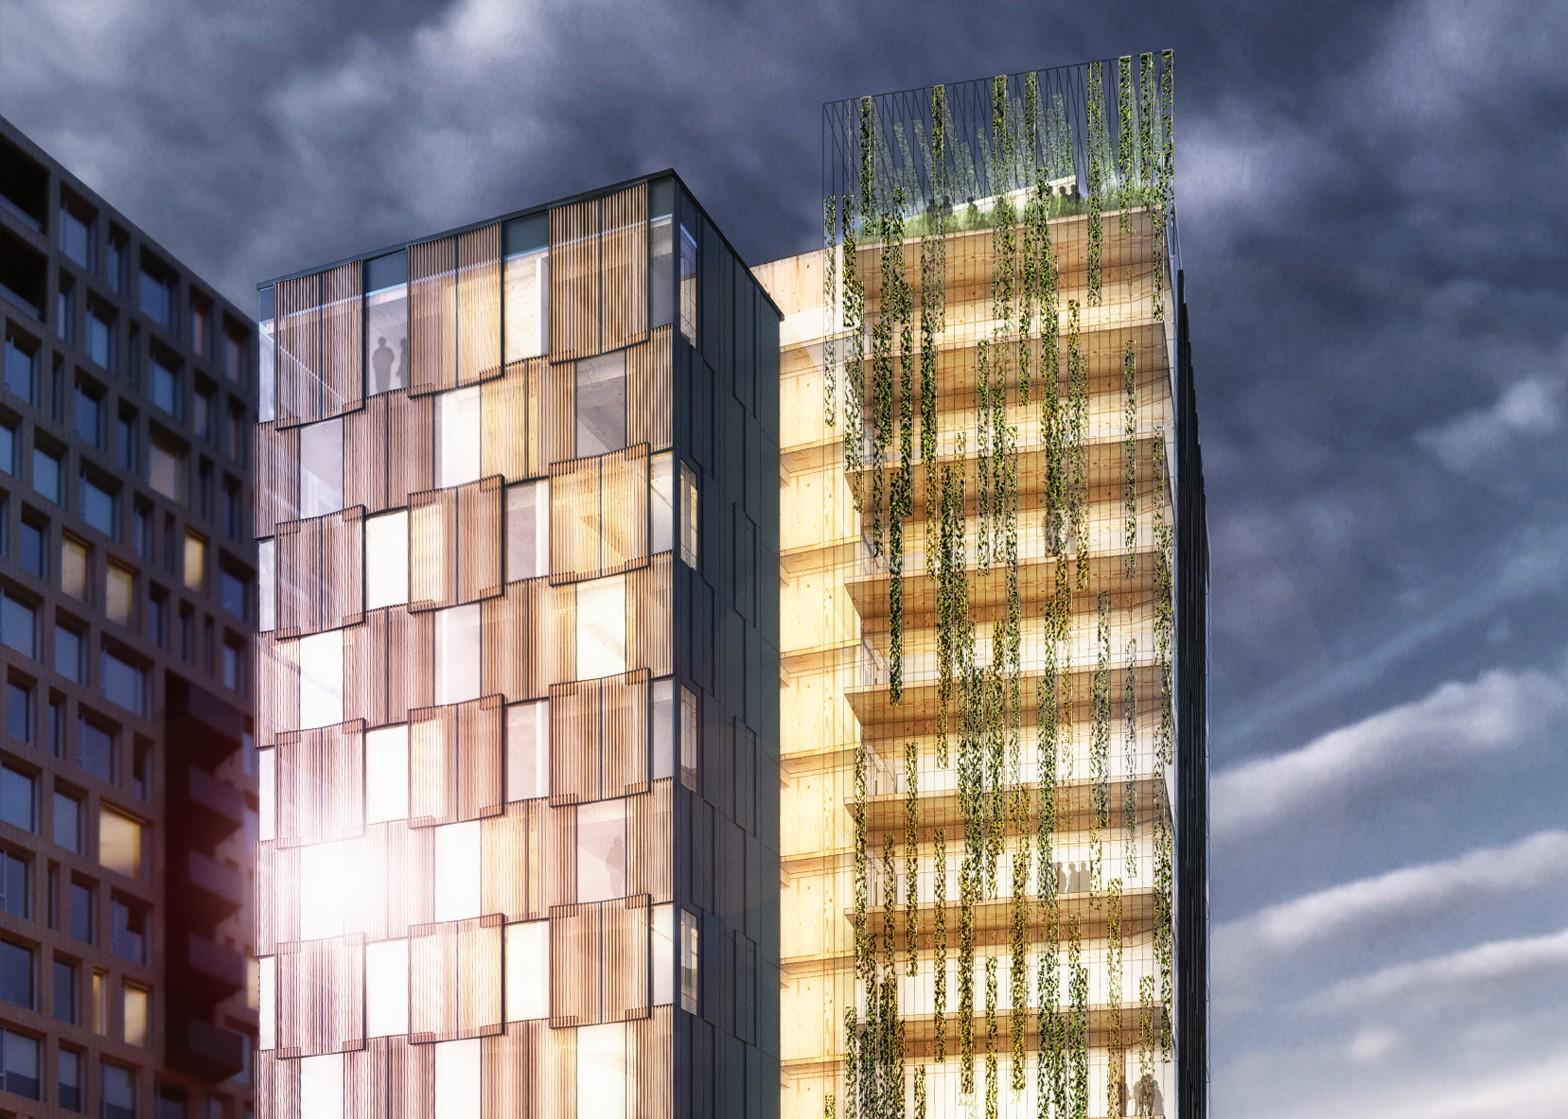 Rascacielos de madera, ¿el futuro de la construcción?